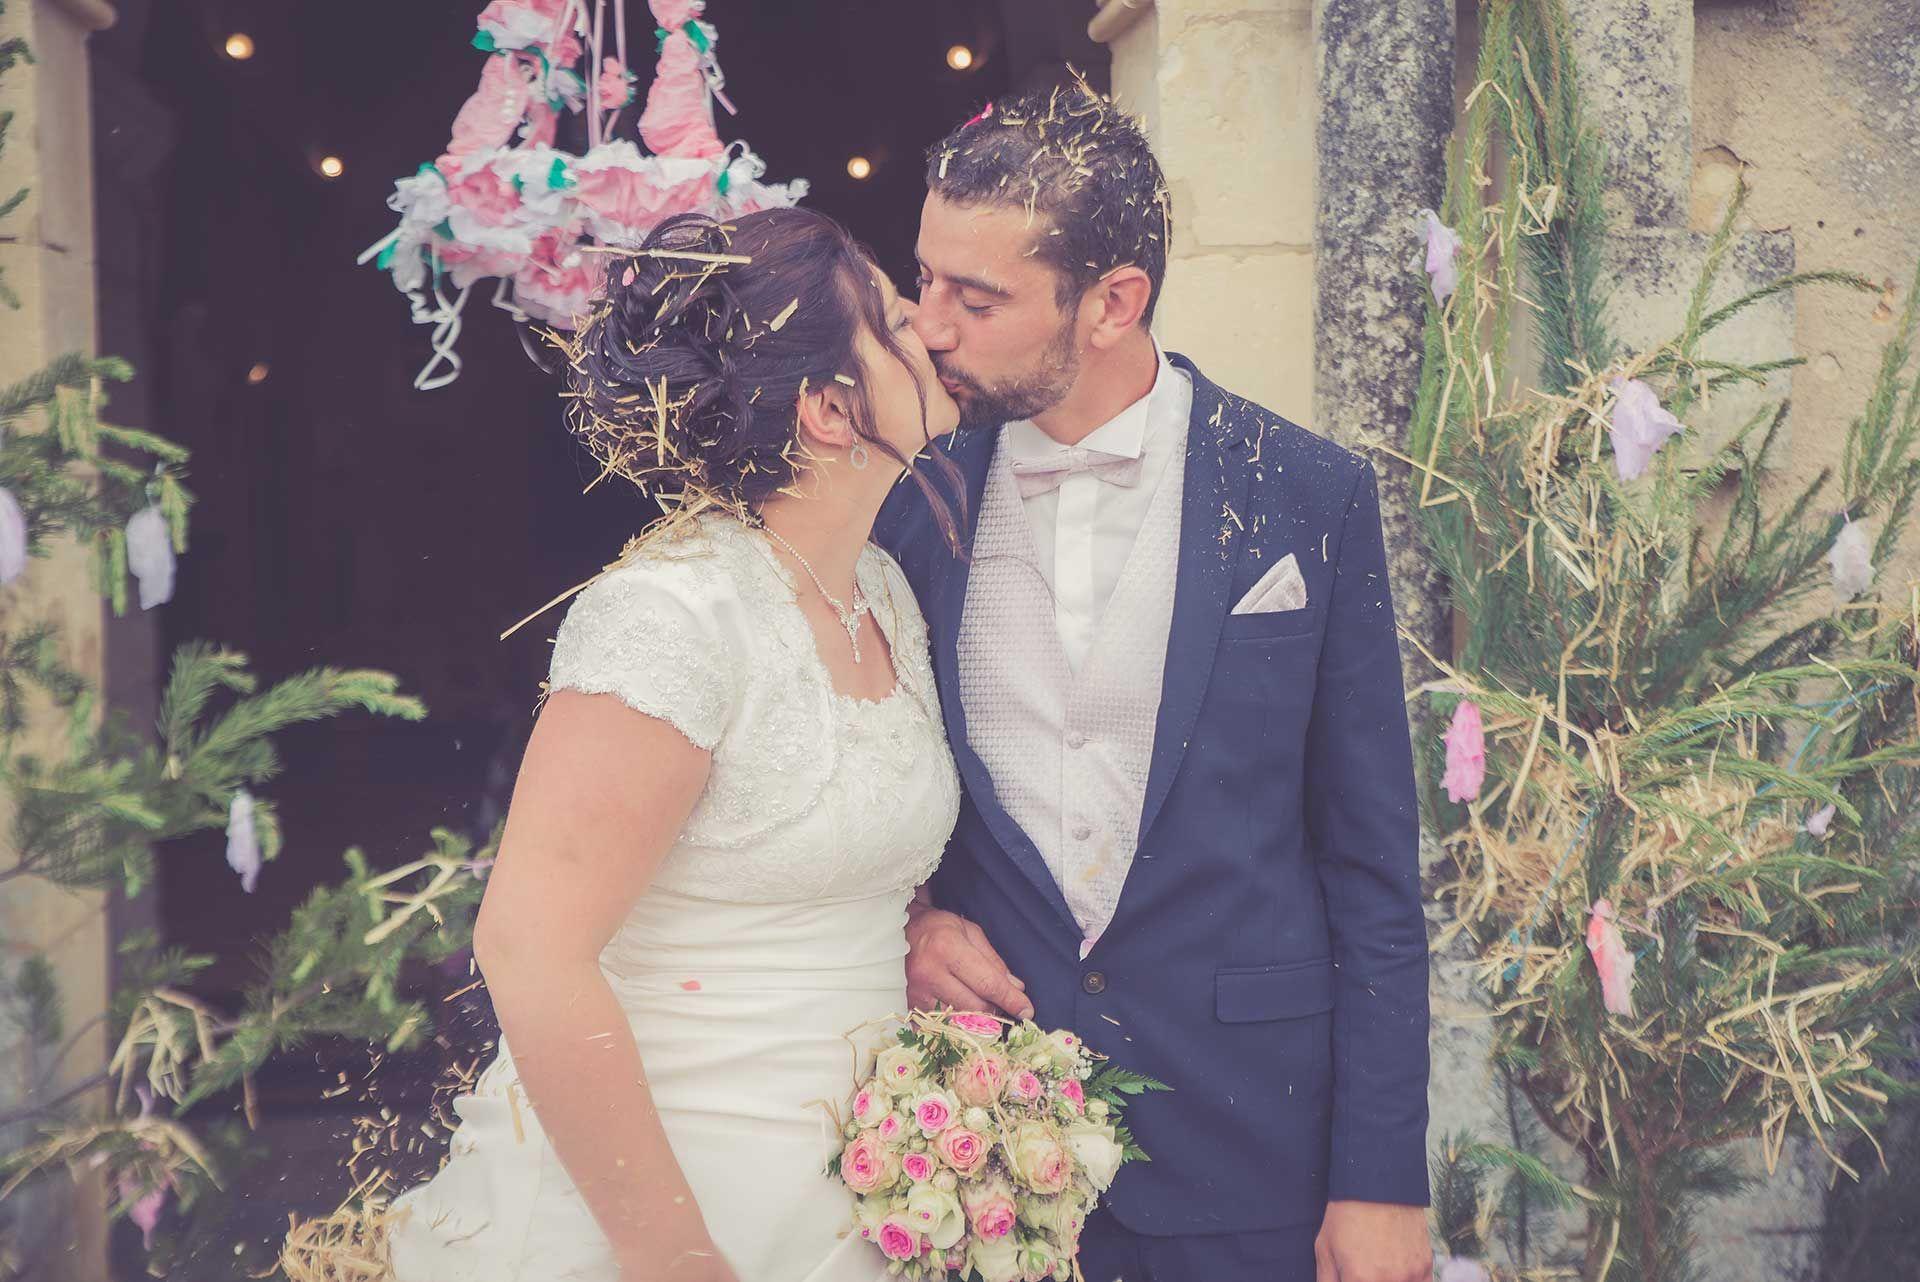 mariage ne sort pas tous les baiser scène rencontres un homme riche conseils